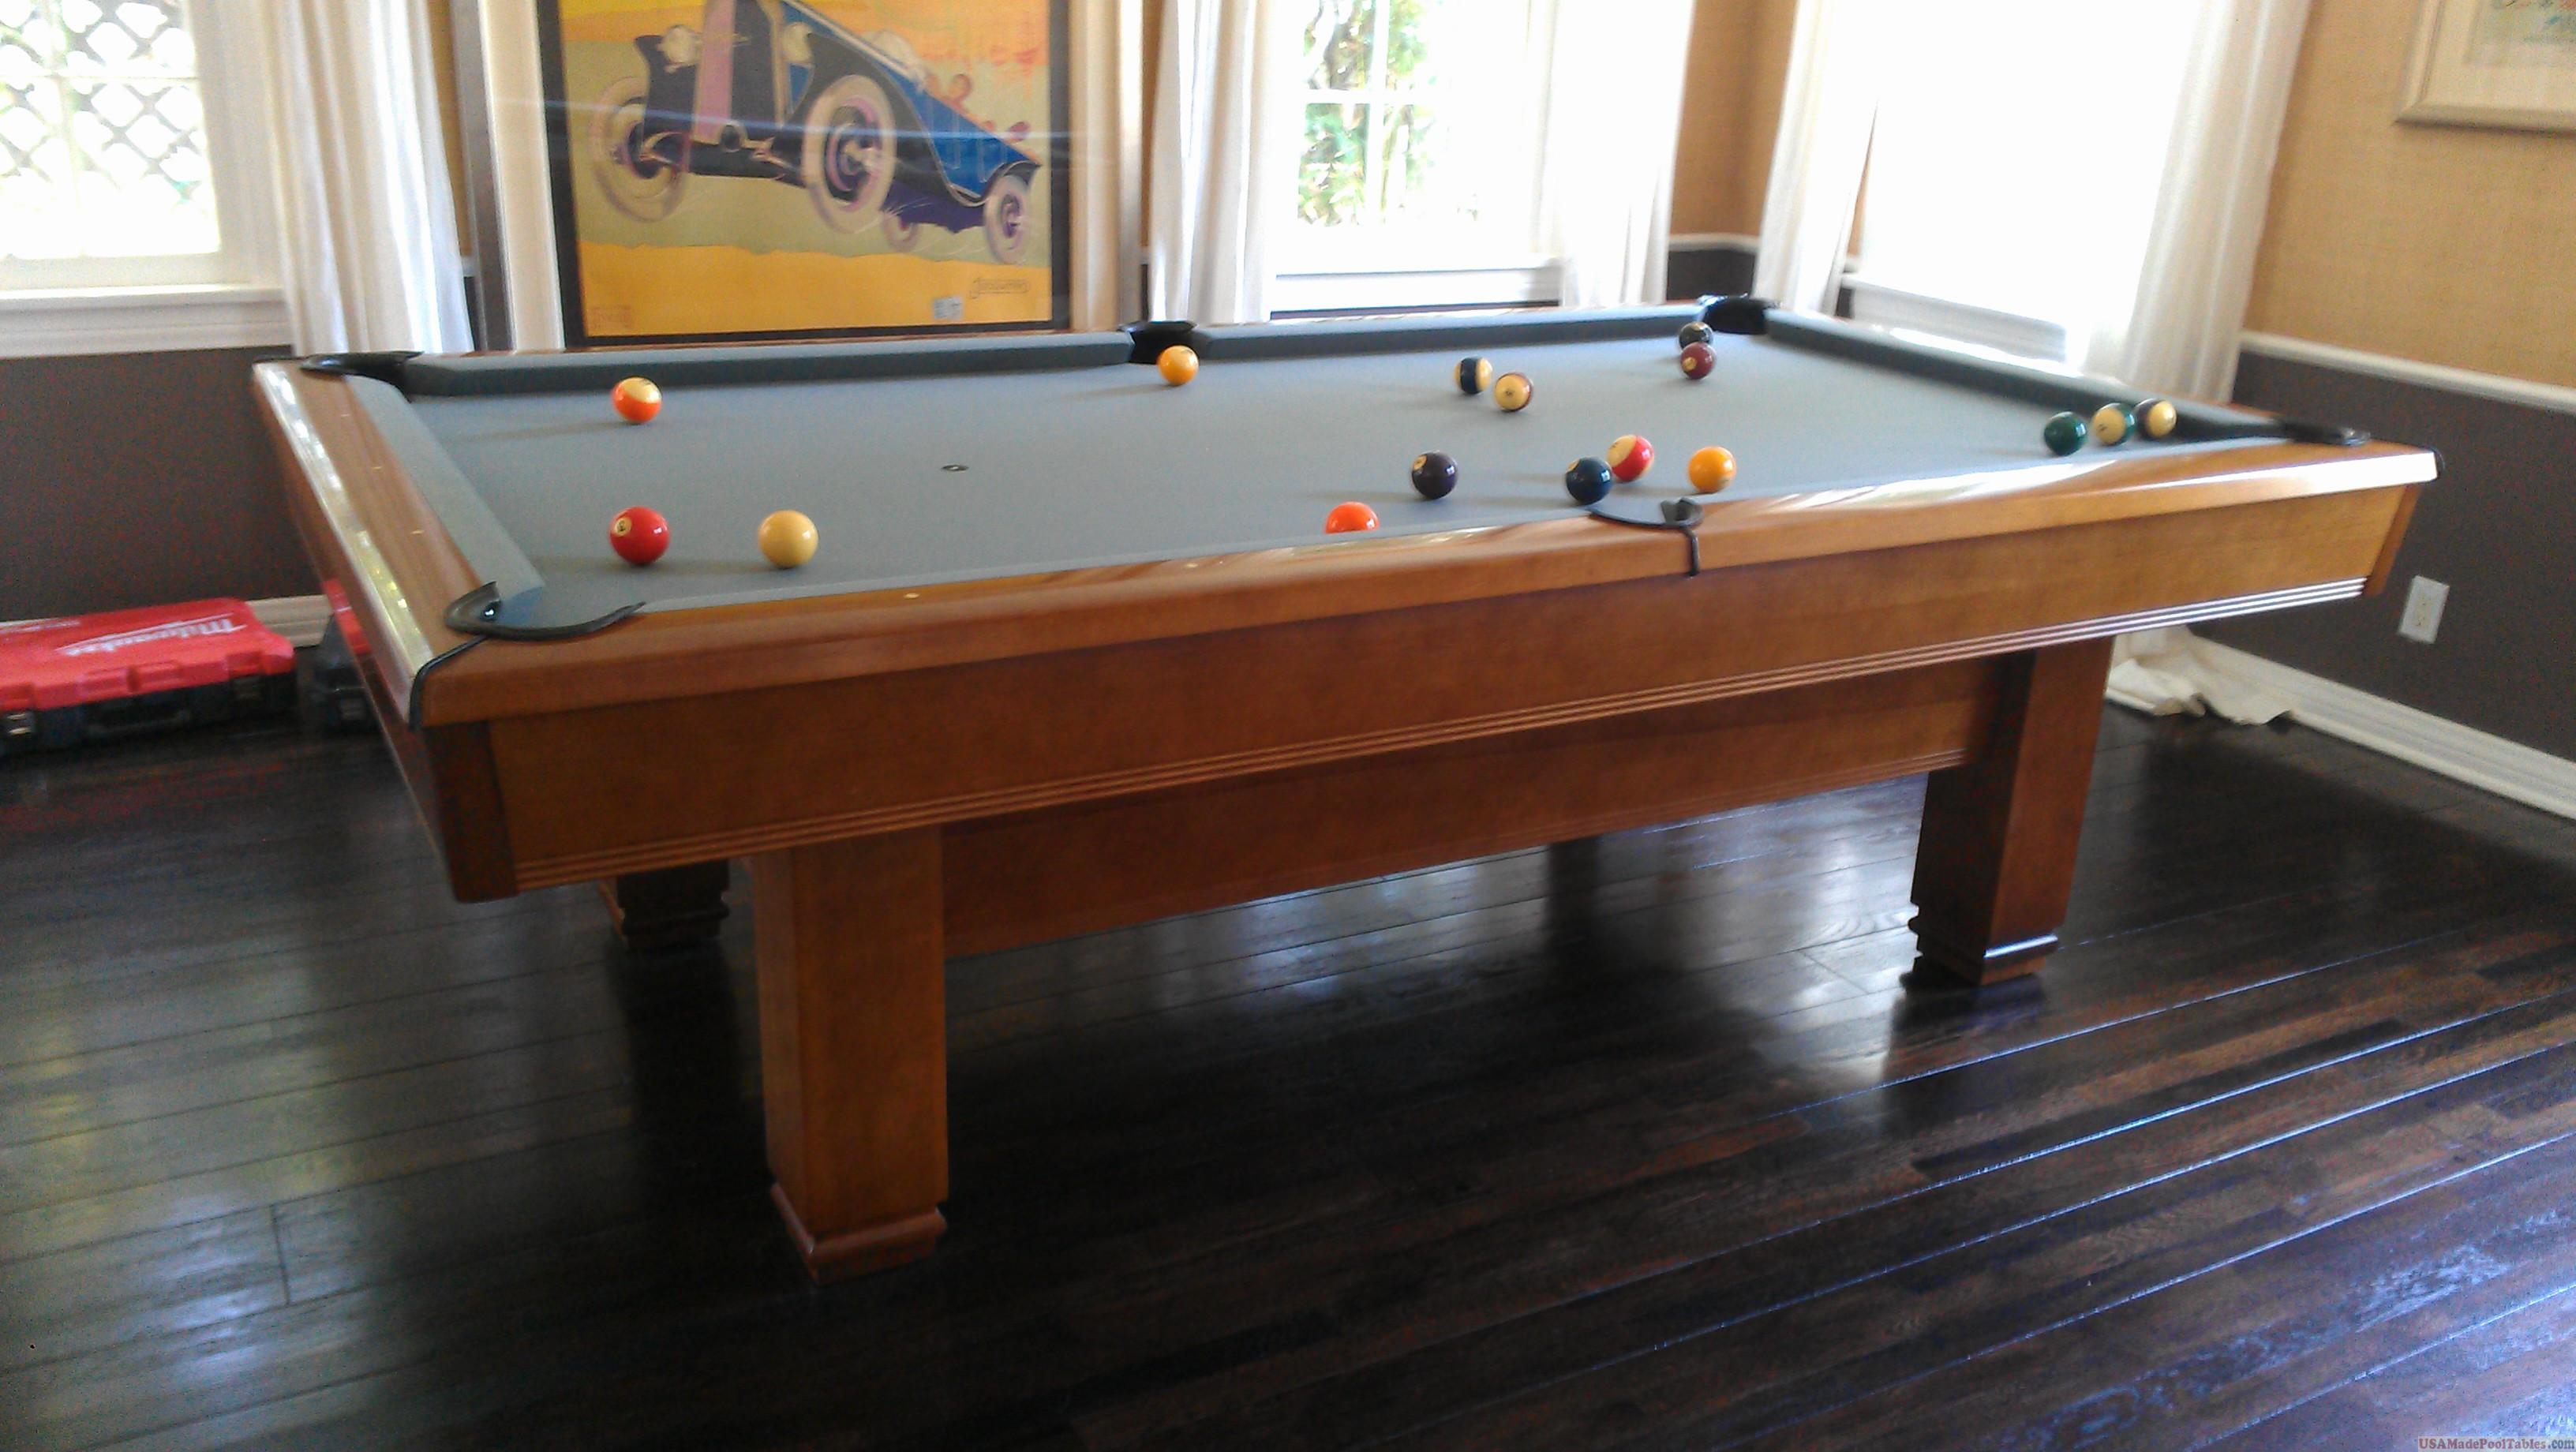 USED POOL TABLES LOS ANGELES BRUNSWICK POOL TABLES VENTURA - Brunswick pool table disassembly